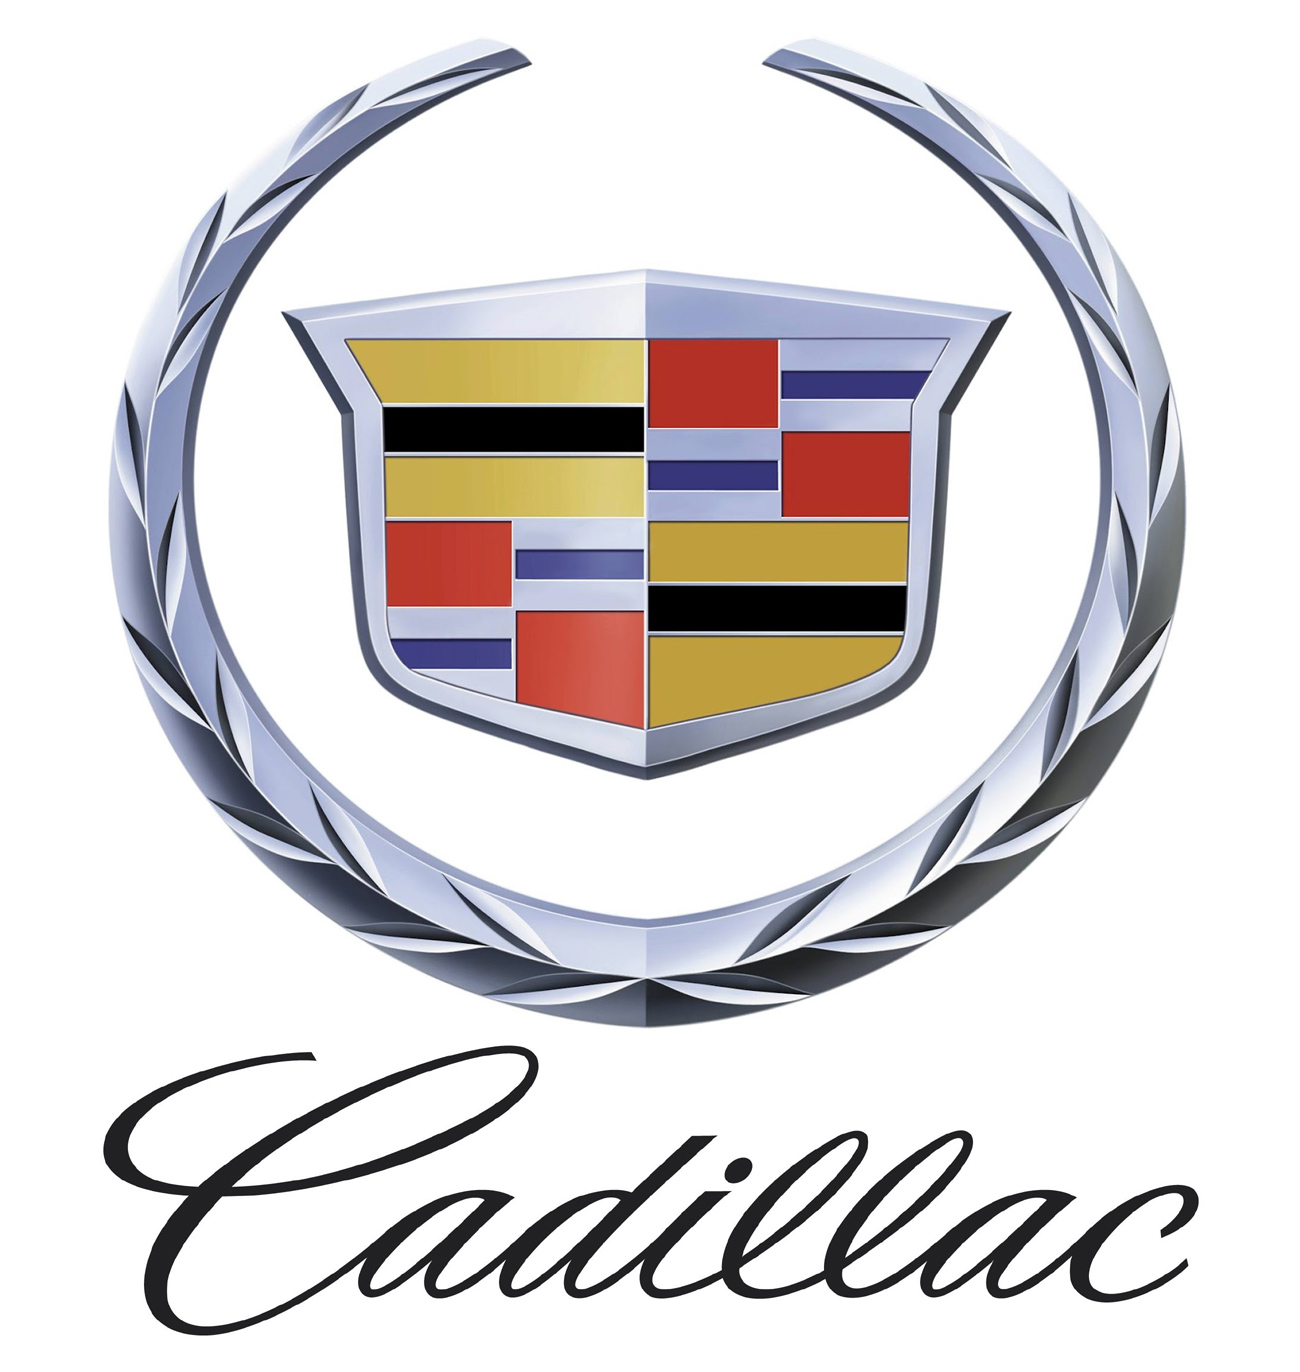 large cadillac car logo zero to 60 times rh zeroto60times com free vector cadillac logo new cadillac logo vector